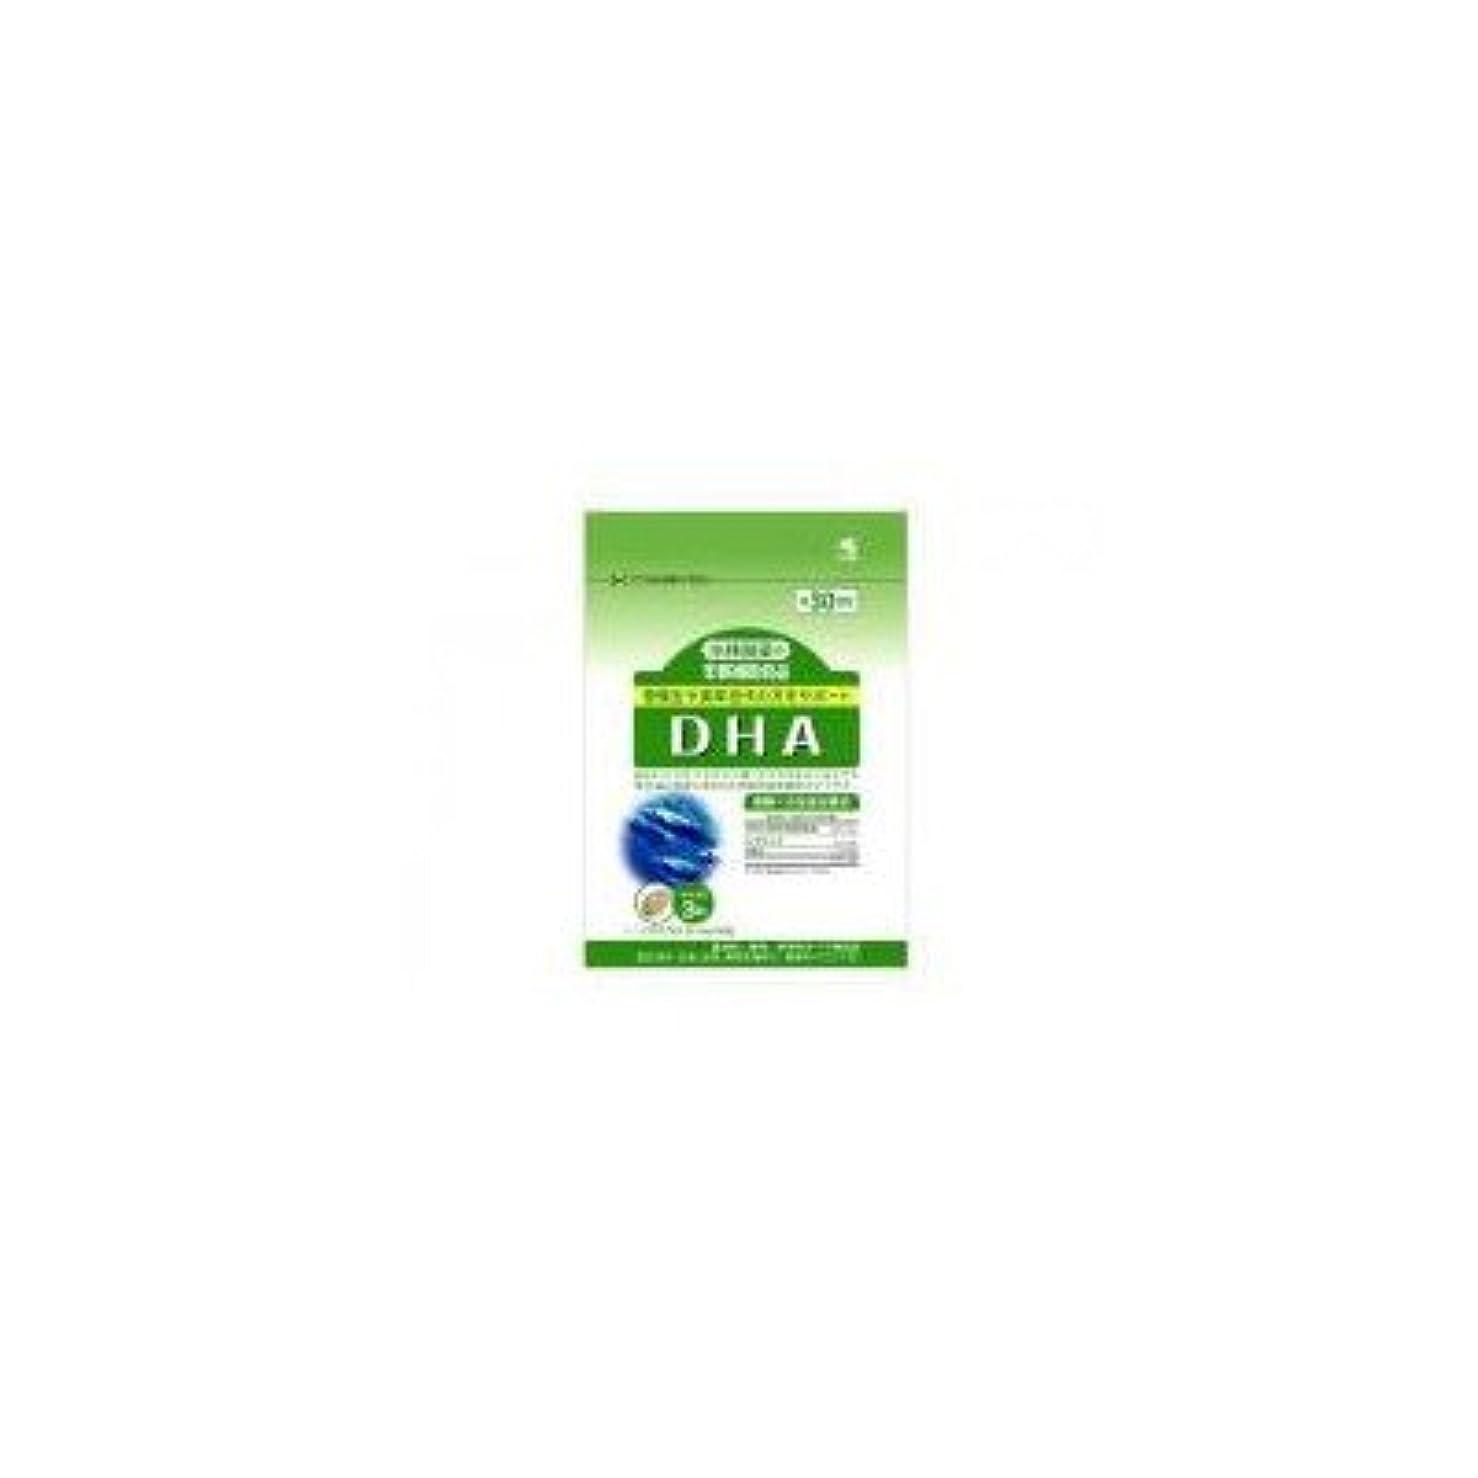 国歌浴帰する小林製薬の栄養補助食品 DHA(90粒 約30日分) 4セット